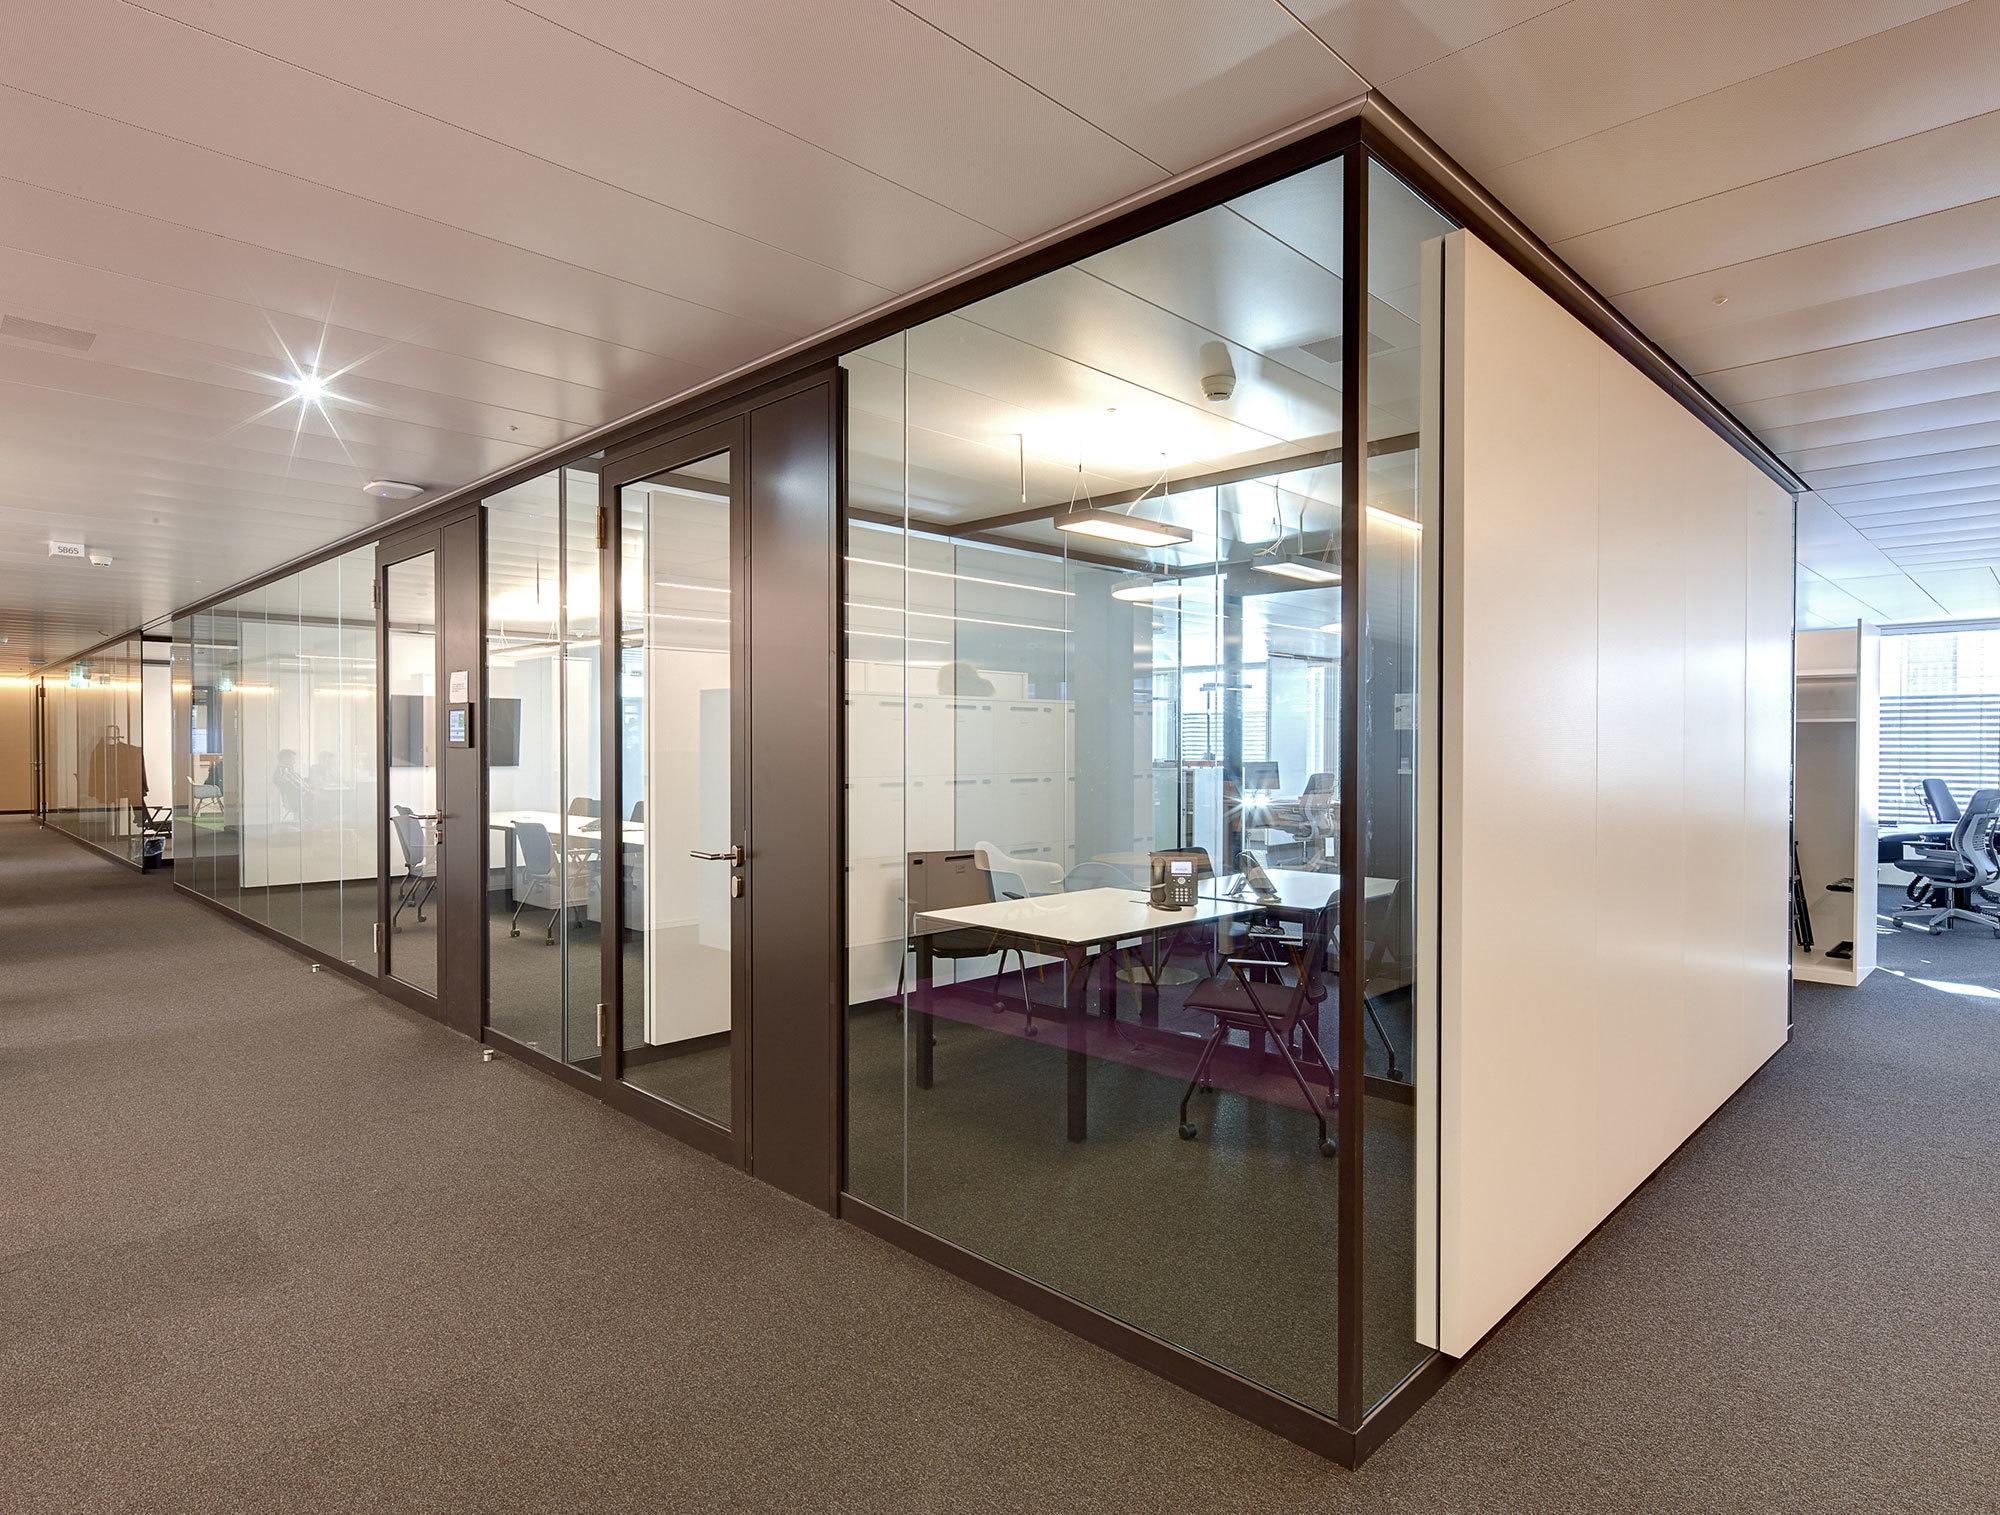 glastrennwand lindner life 620 von lindner group stylepark. Black Bedroom Furniture Sets. Home Design Ideas